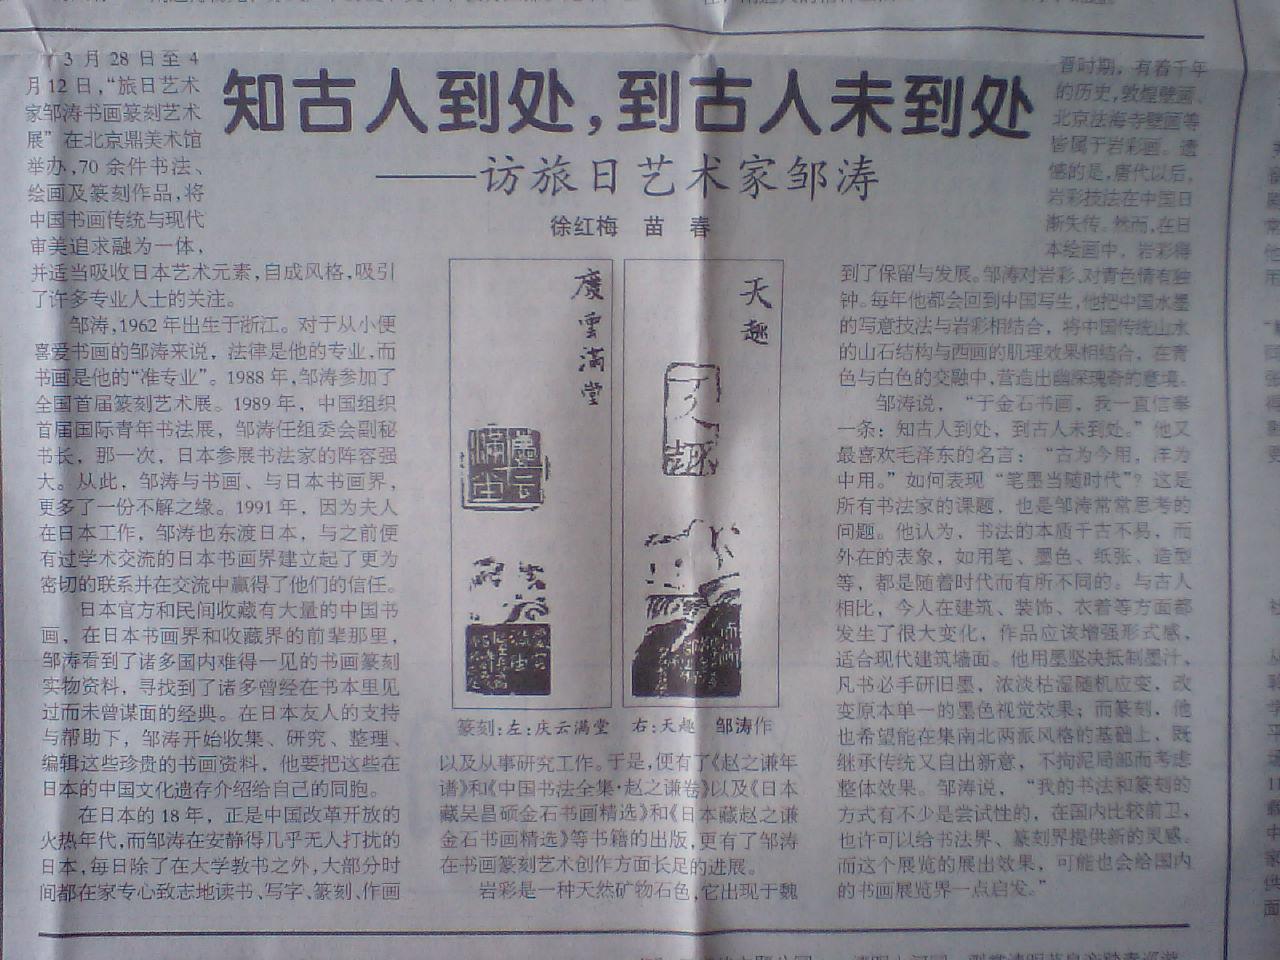 在日中国人芸術家鄒涛さん 人民日報(海外版)に登場_d0027795_126962.jpg